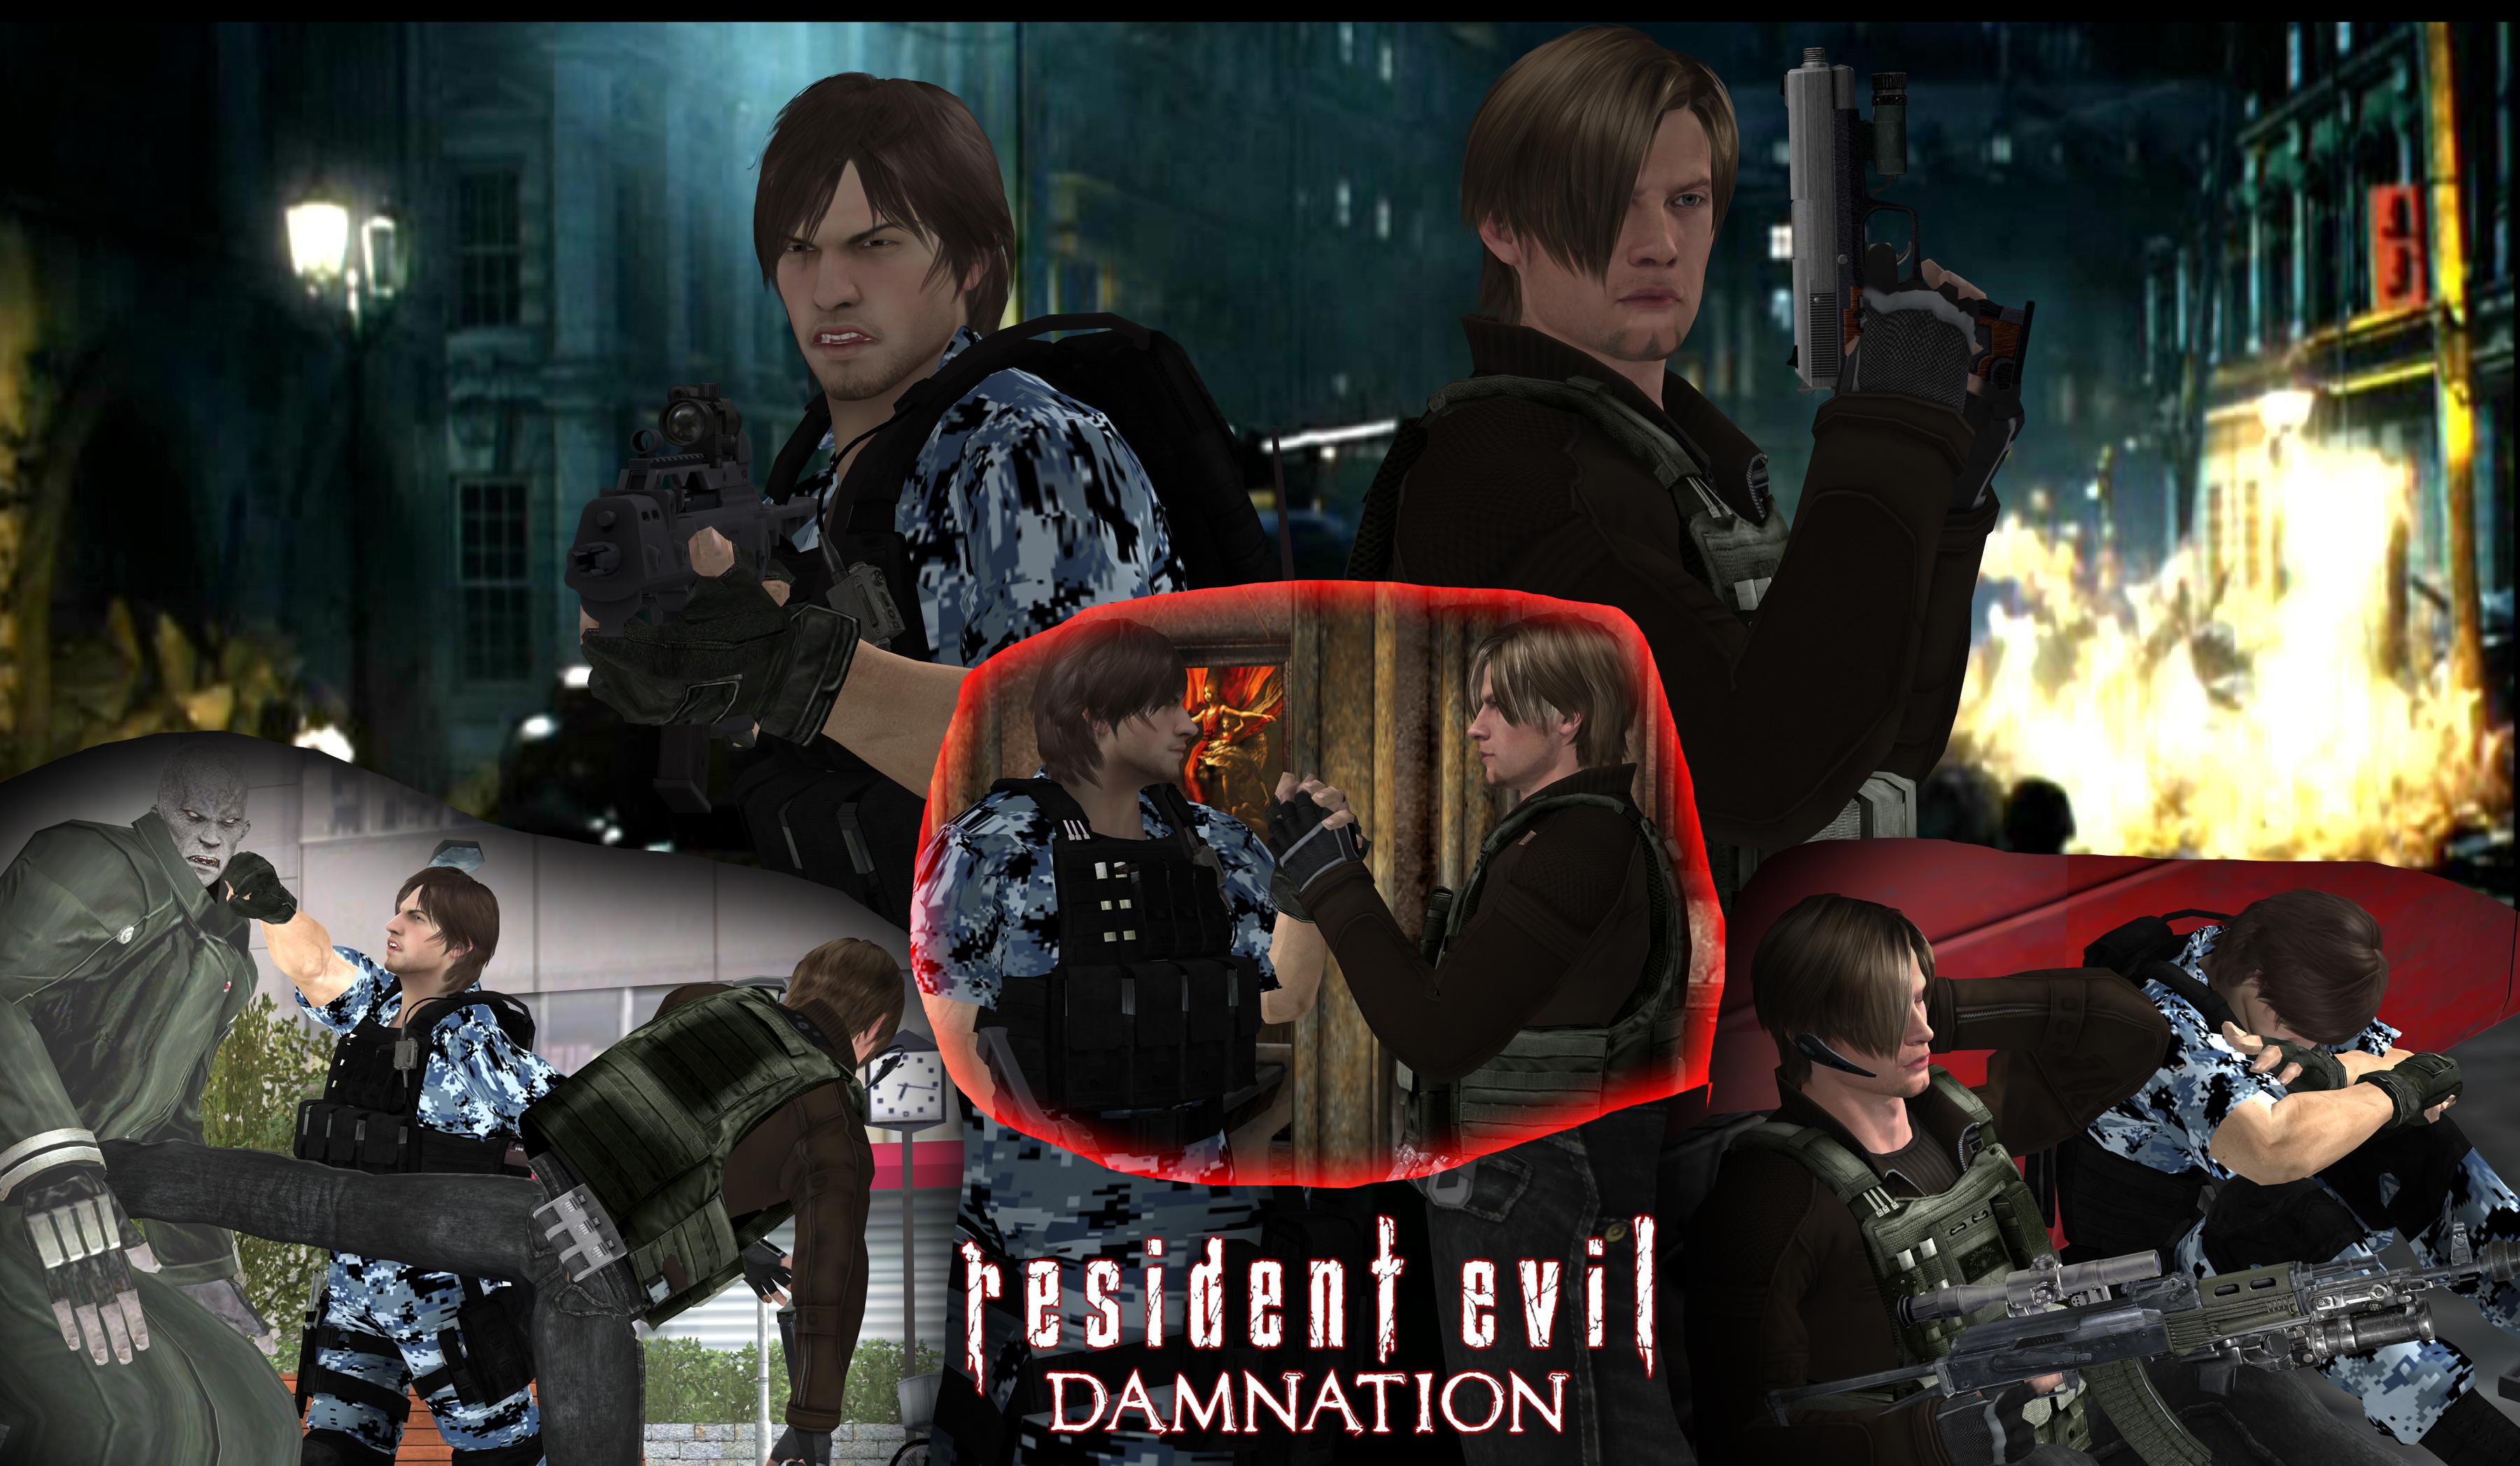 Resident evil domination